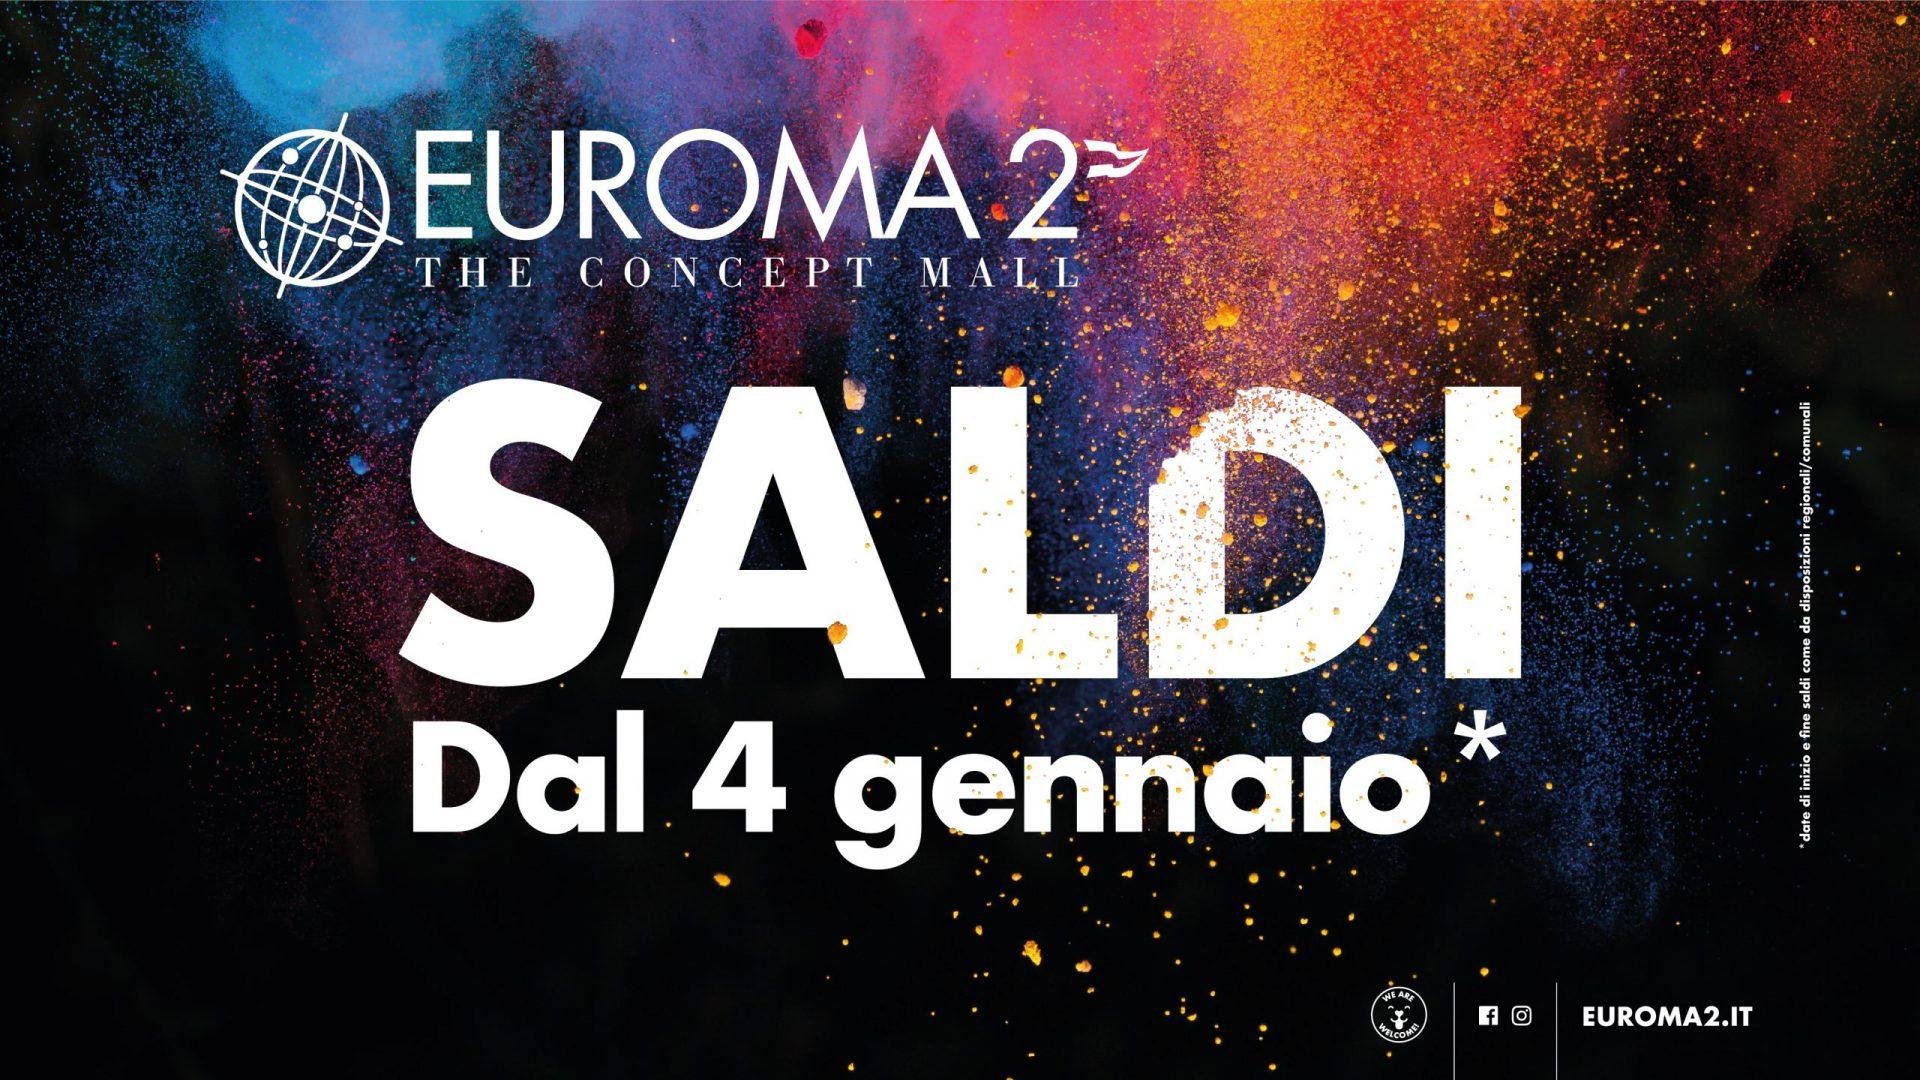 Tutto pronto a Euroma 2 per l'inizio dei saldi invernali